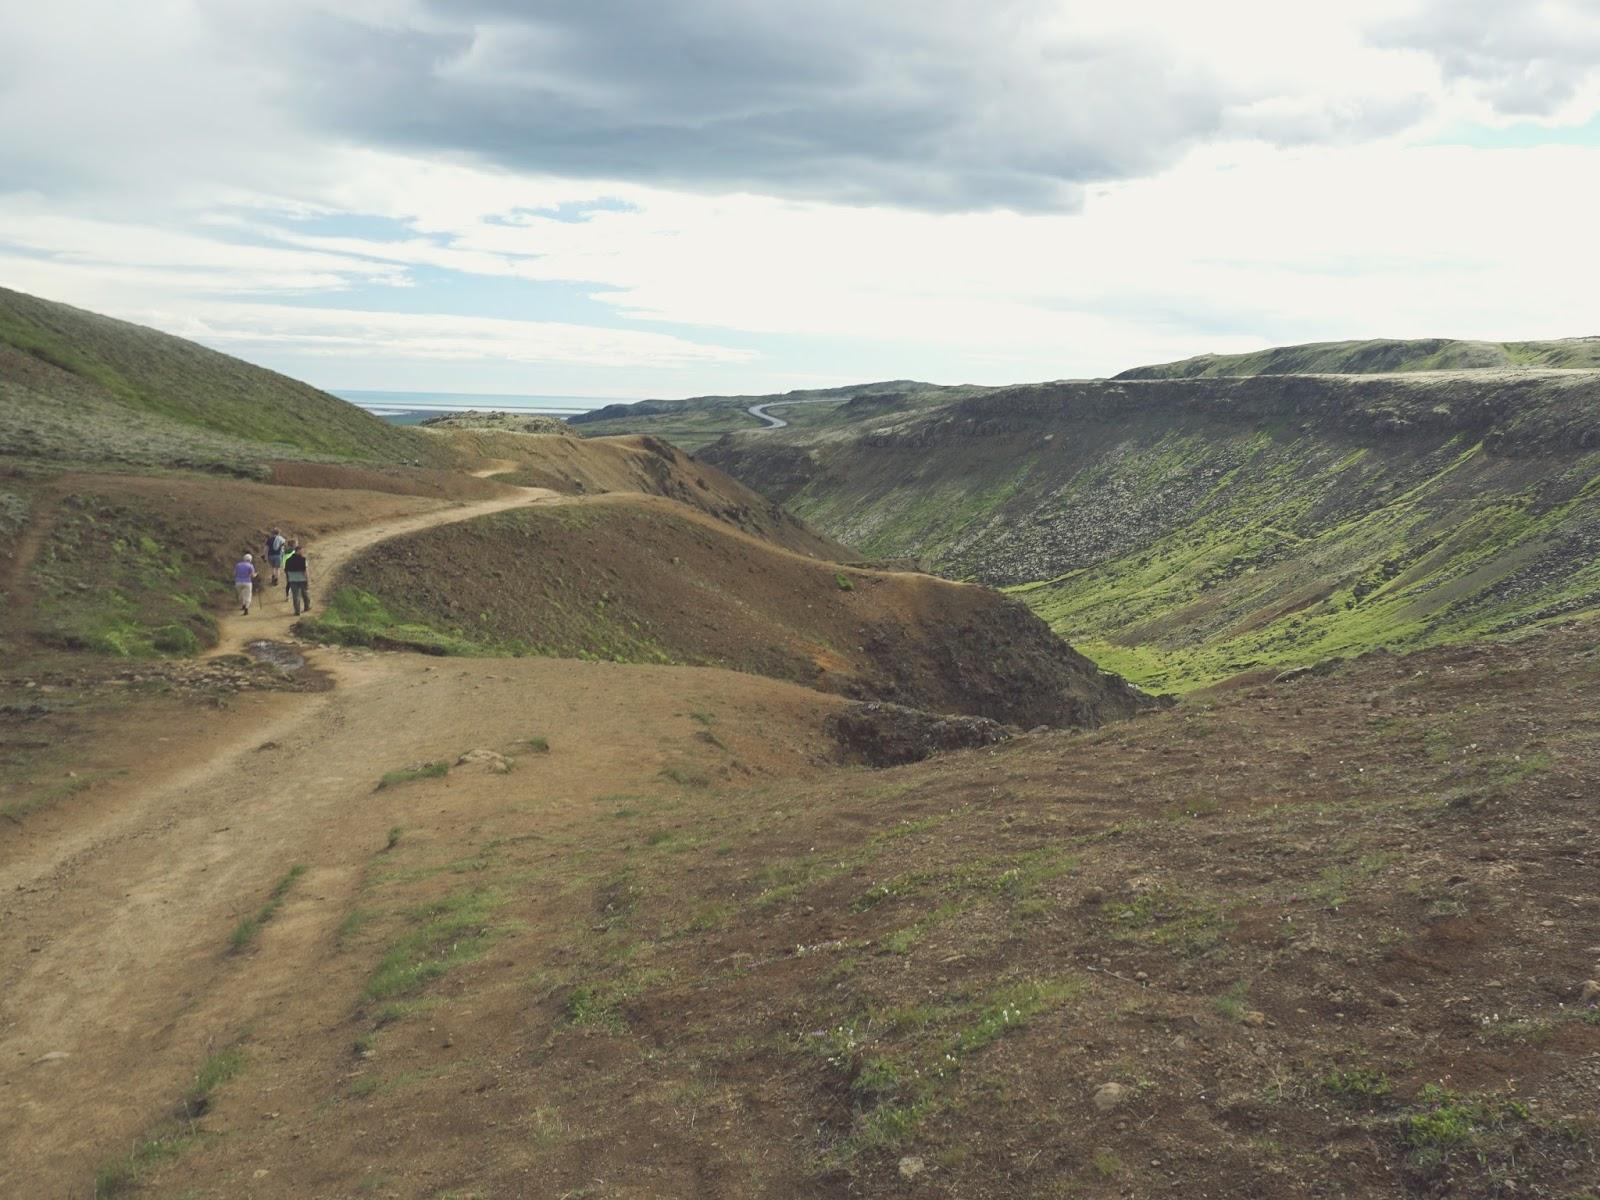 Reykjadalur, Islandia, Południowa Islandia, panidorcia, blog, blog o Islandii, wakacje w Islandii, Islandia zwiedzanie, gorące źródła, pola geotermalne